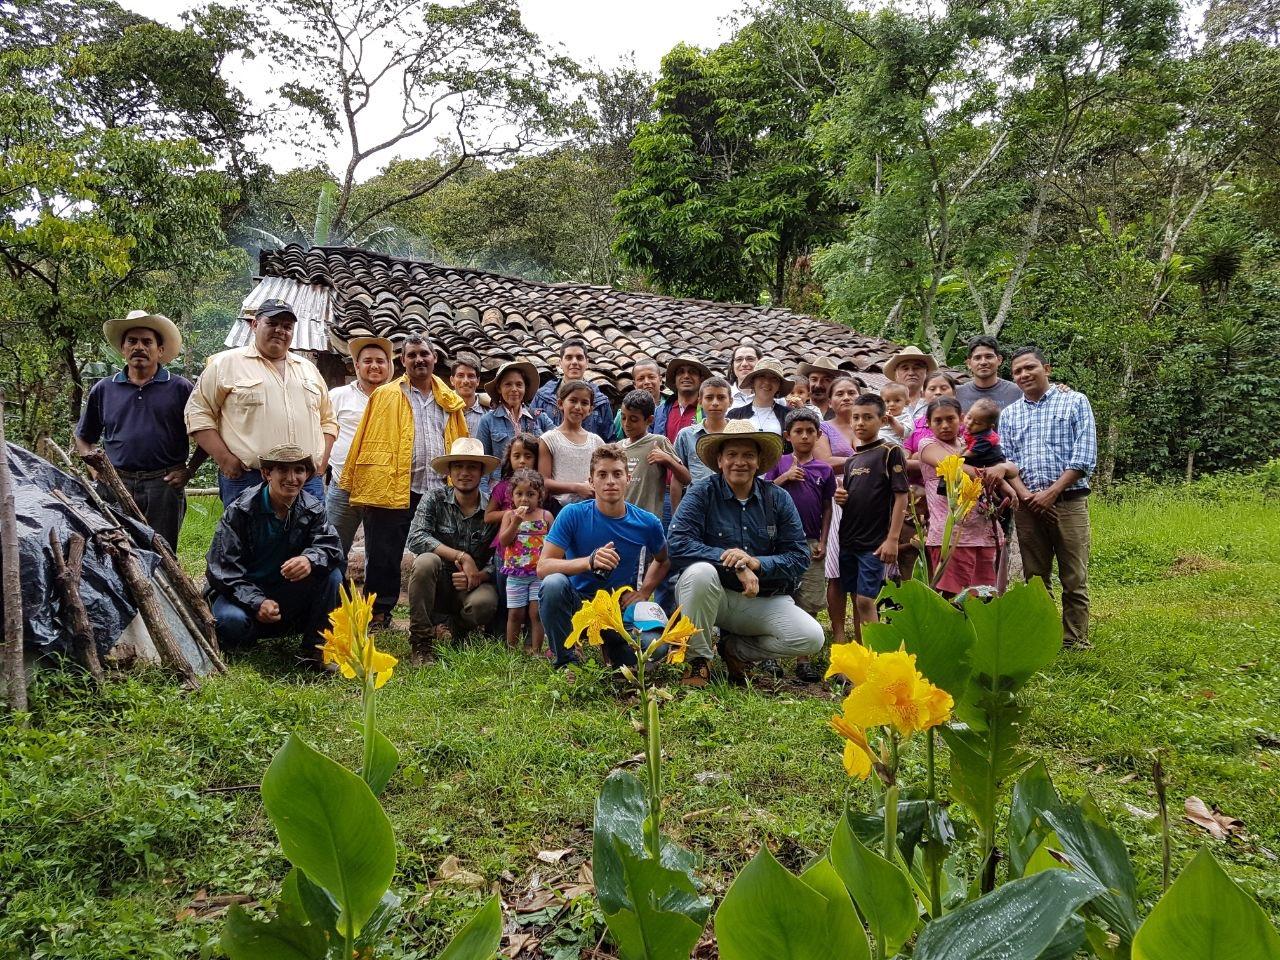 2017, Intercambio de conocimientos y experiencias en adaptación al cambio climático en América Latina y el Caribe, Colombia-Honduras